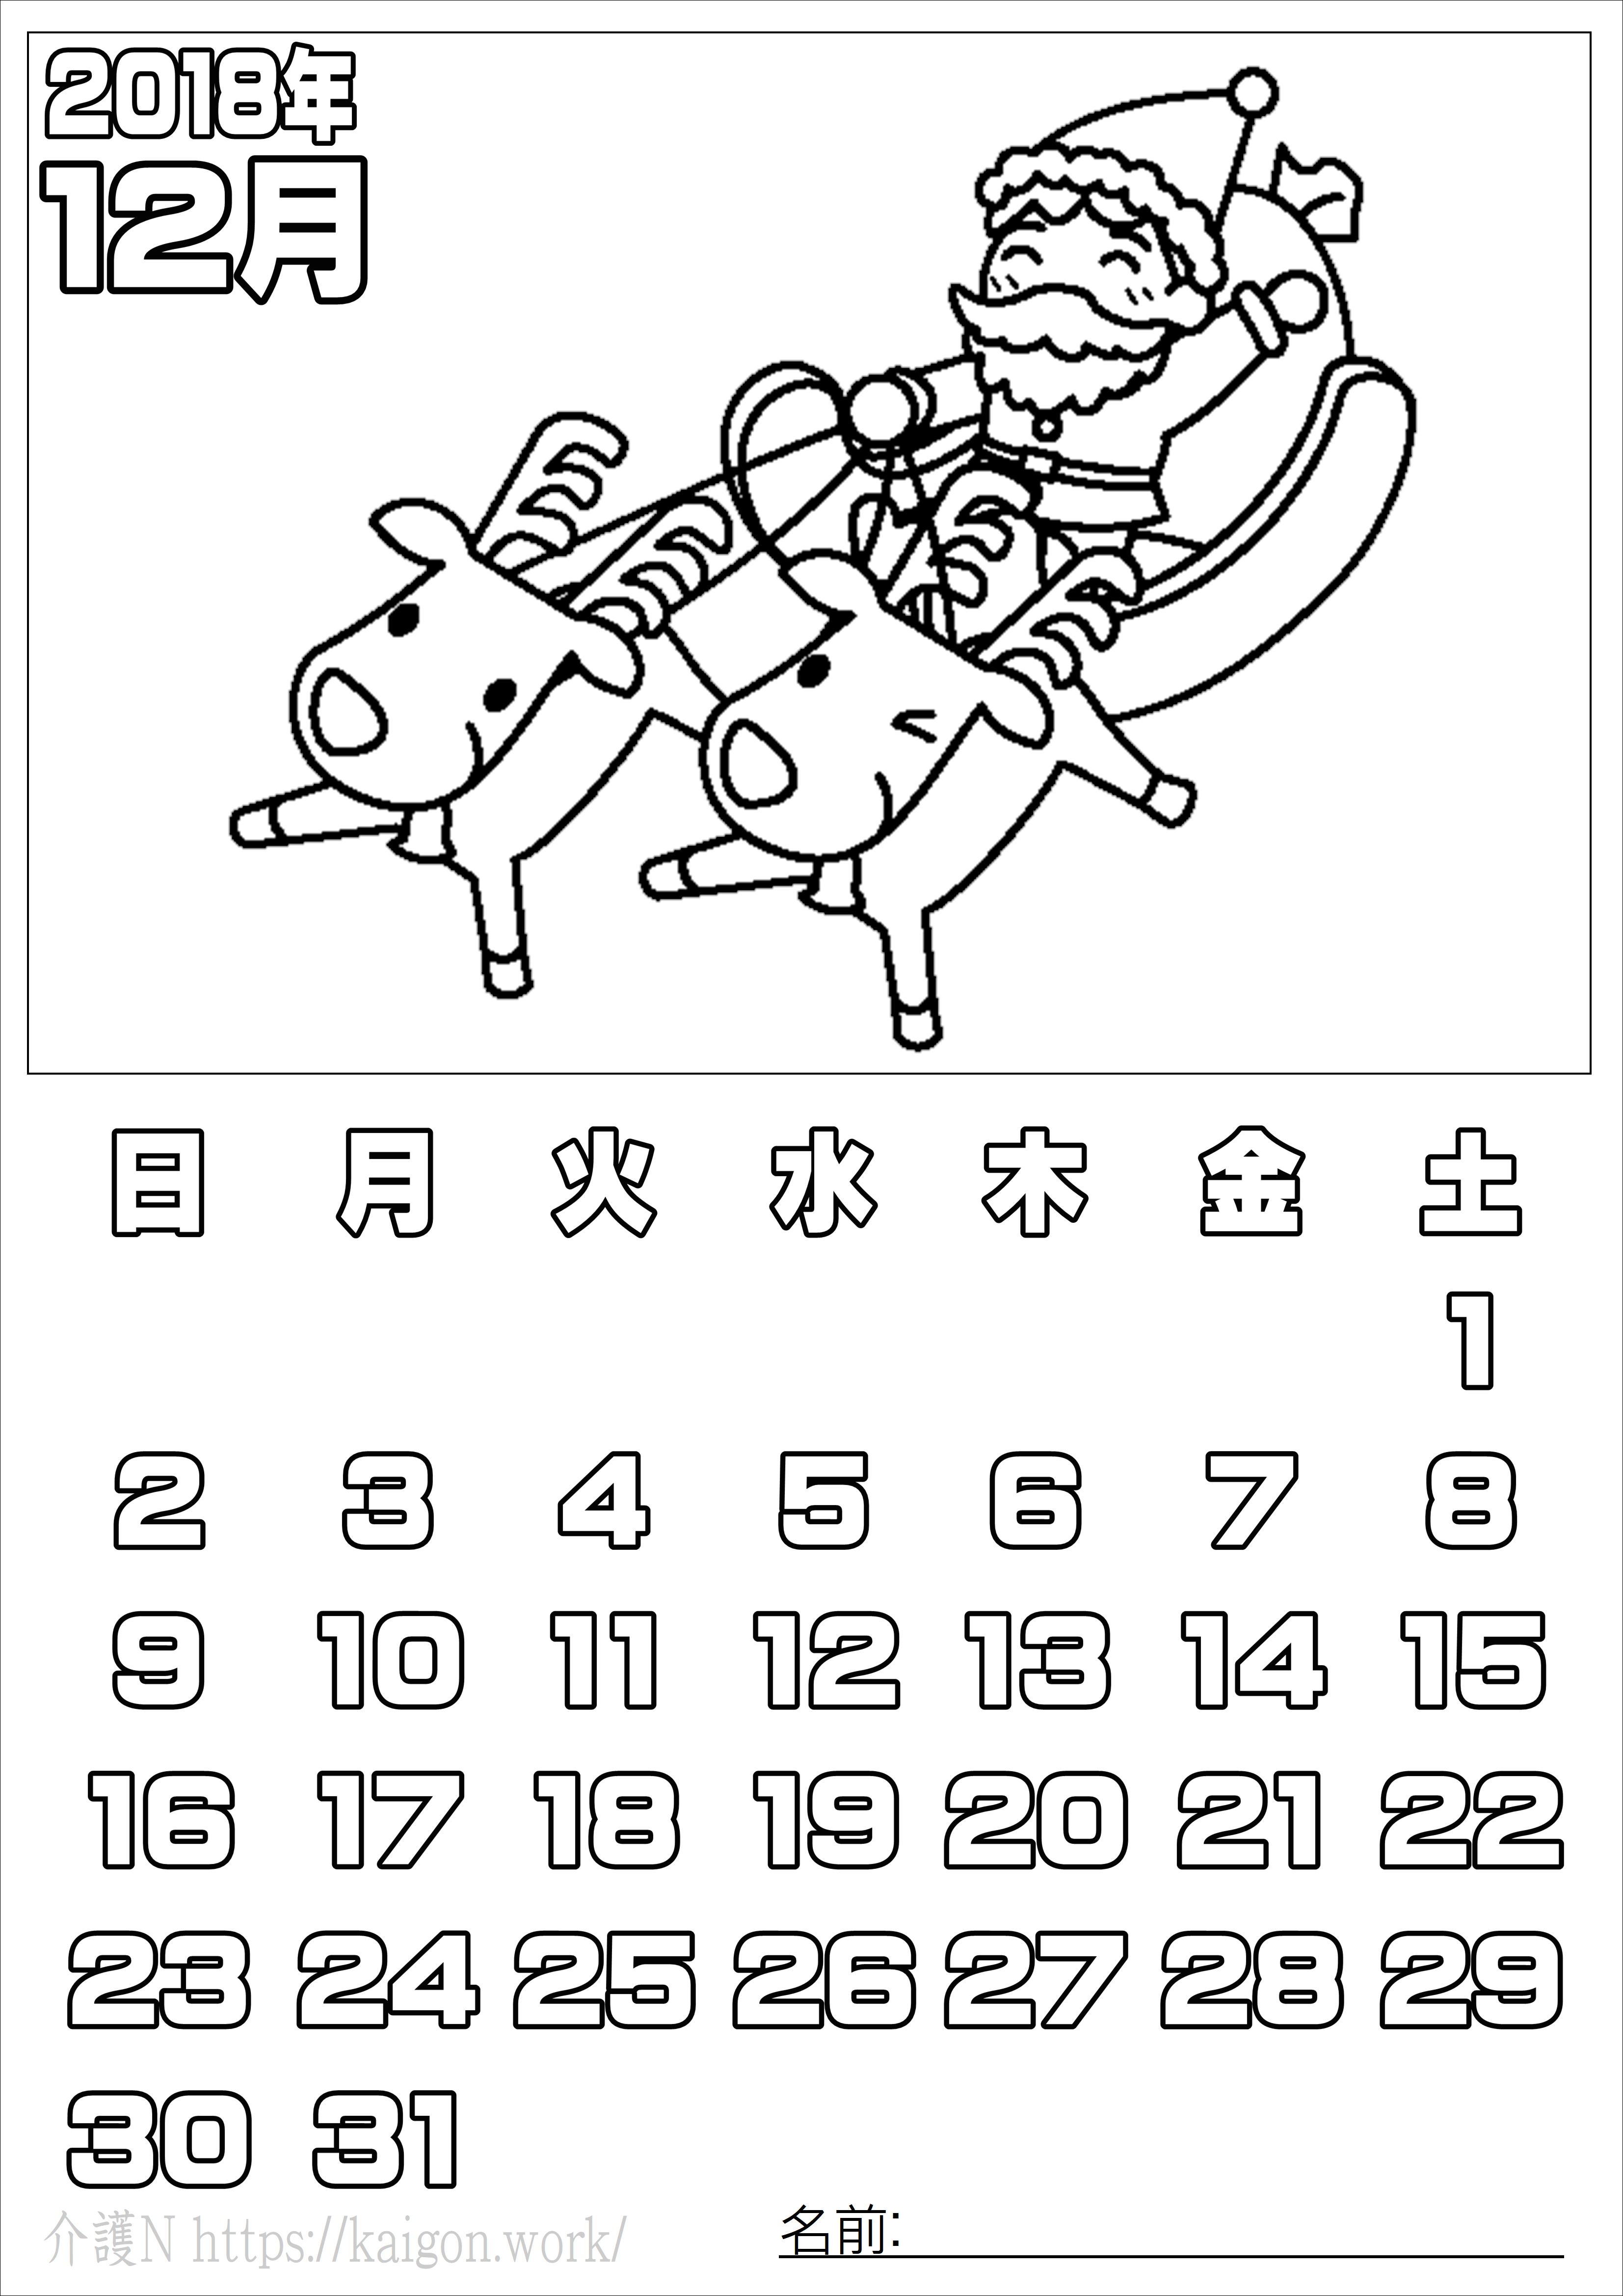 ぬり絵 カレンダー12月(2018年)